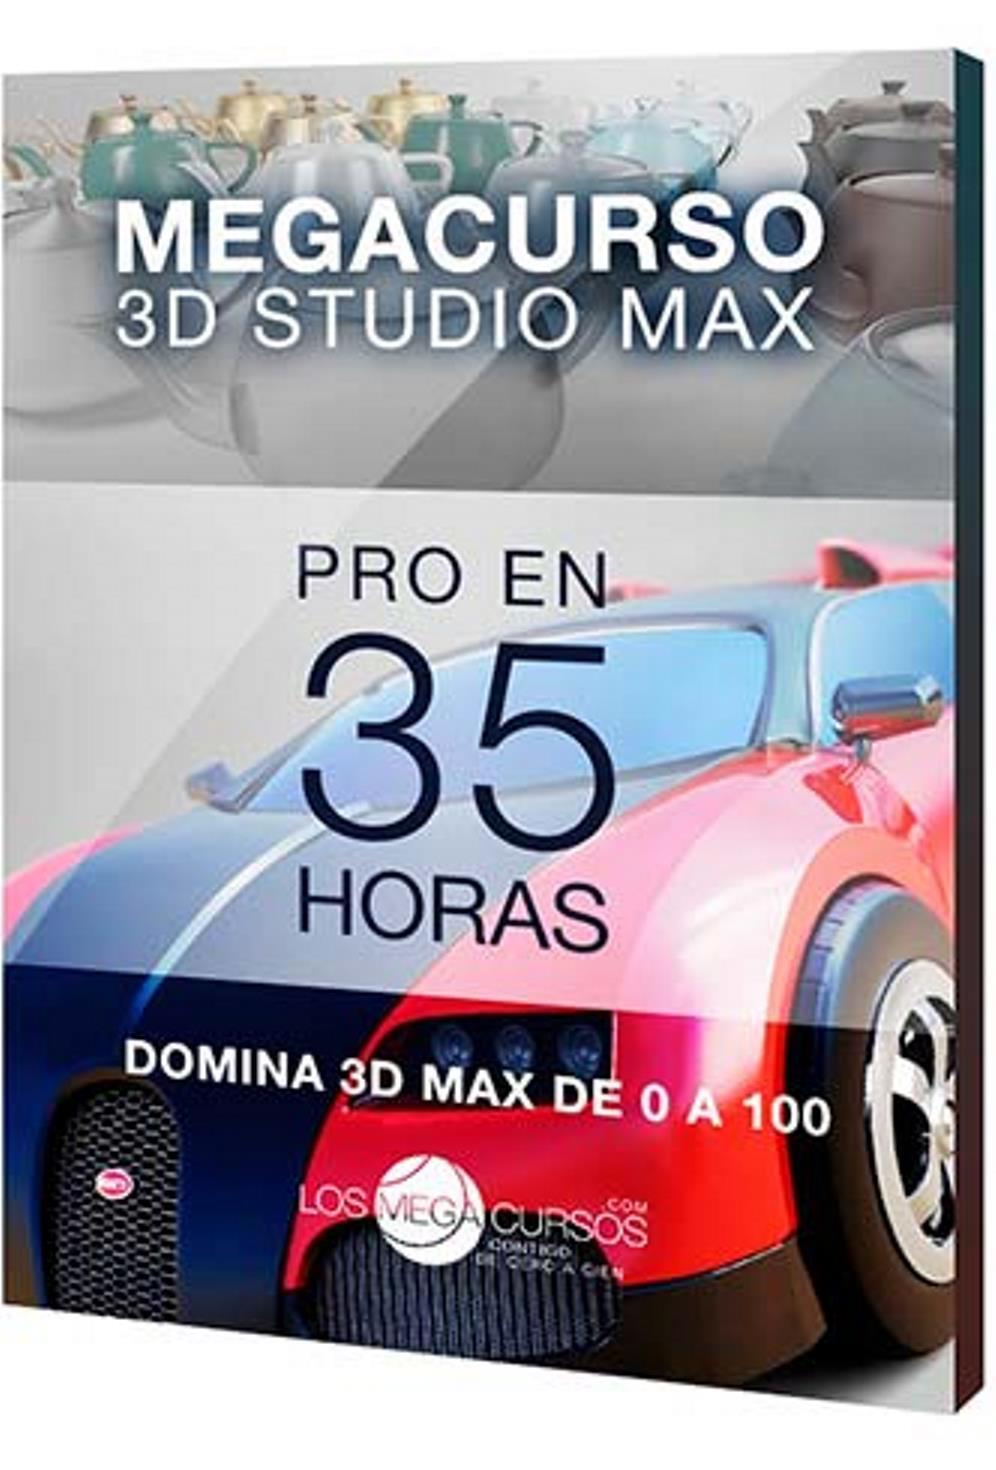 Megacurso de 3D Studio Max: Pro en 35h